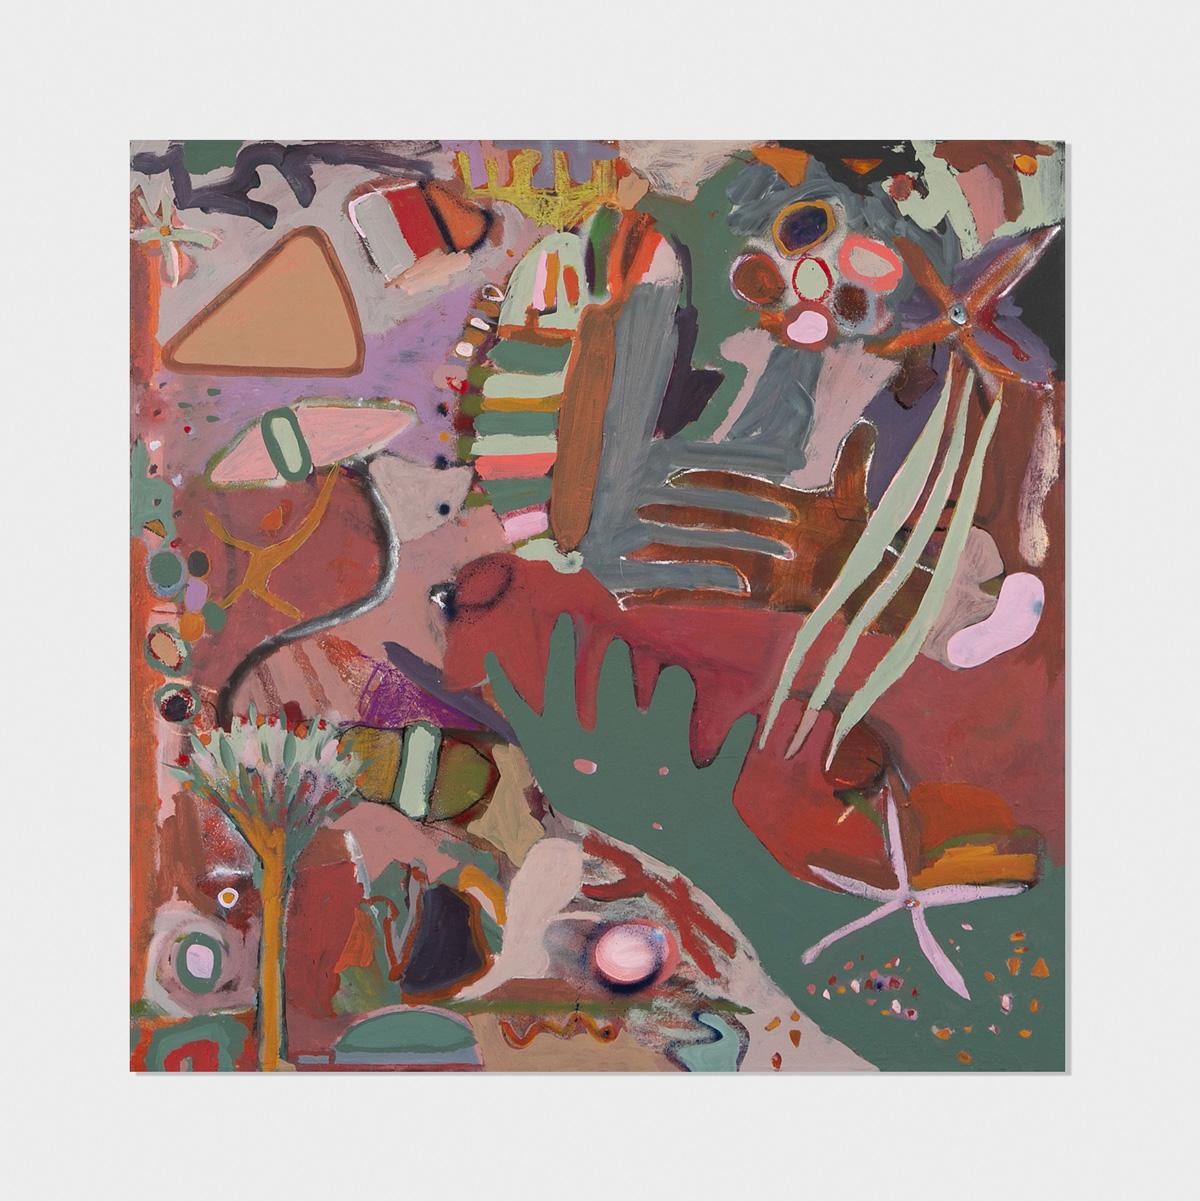 james-watkins-2 art